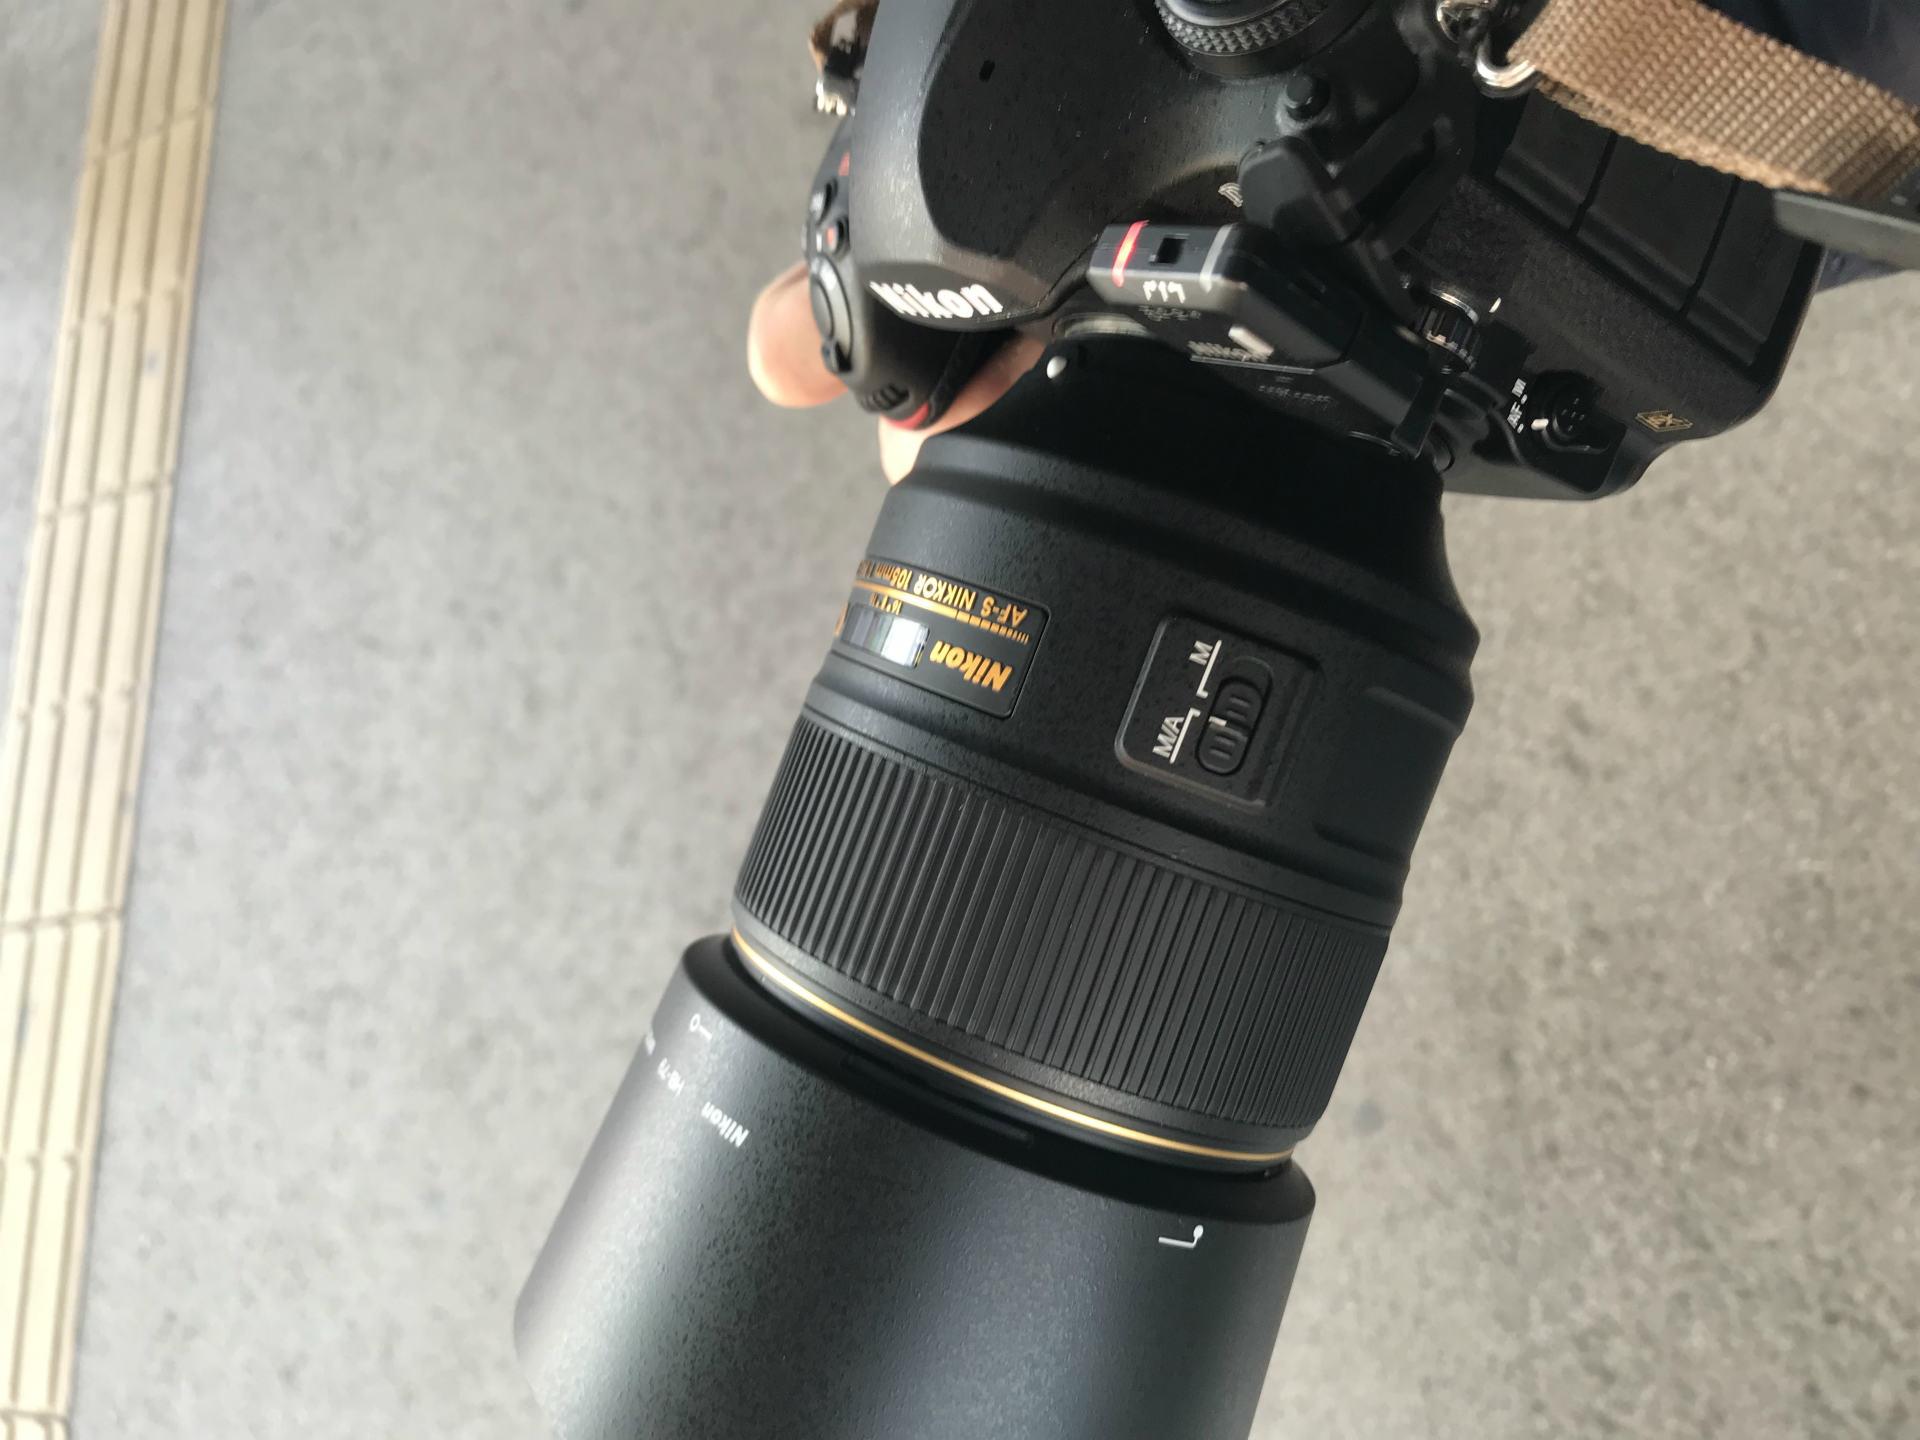 D850+AF-S NIKKOR 105mm f/1.4E ED